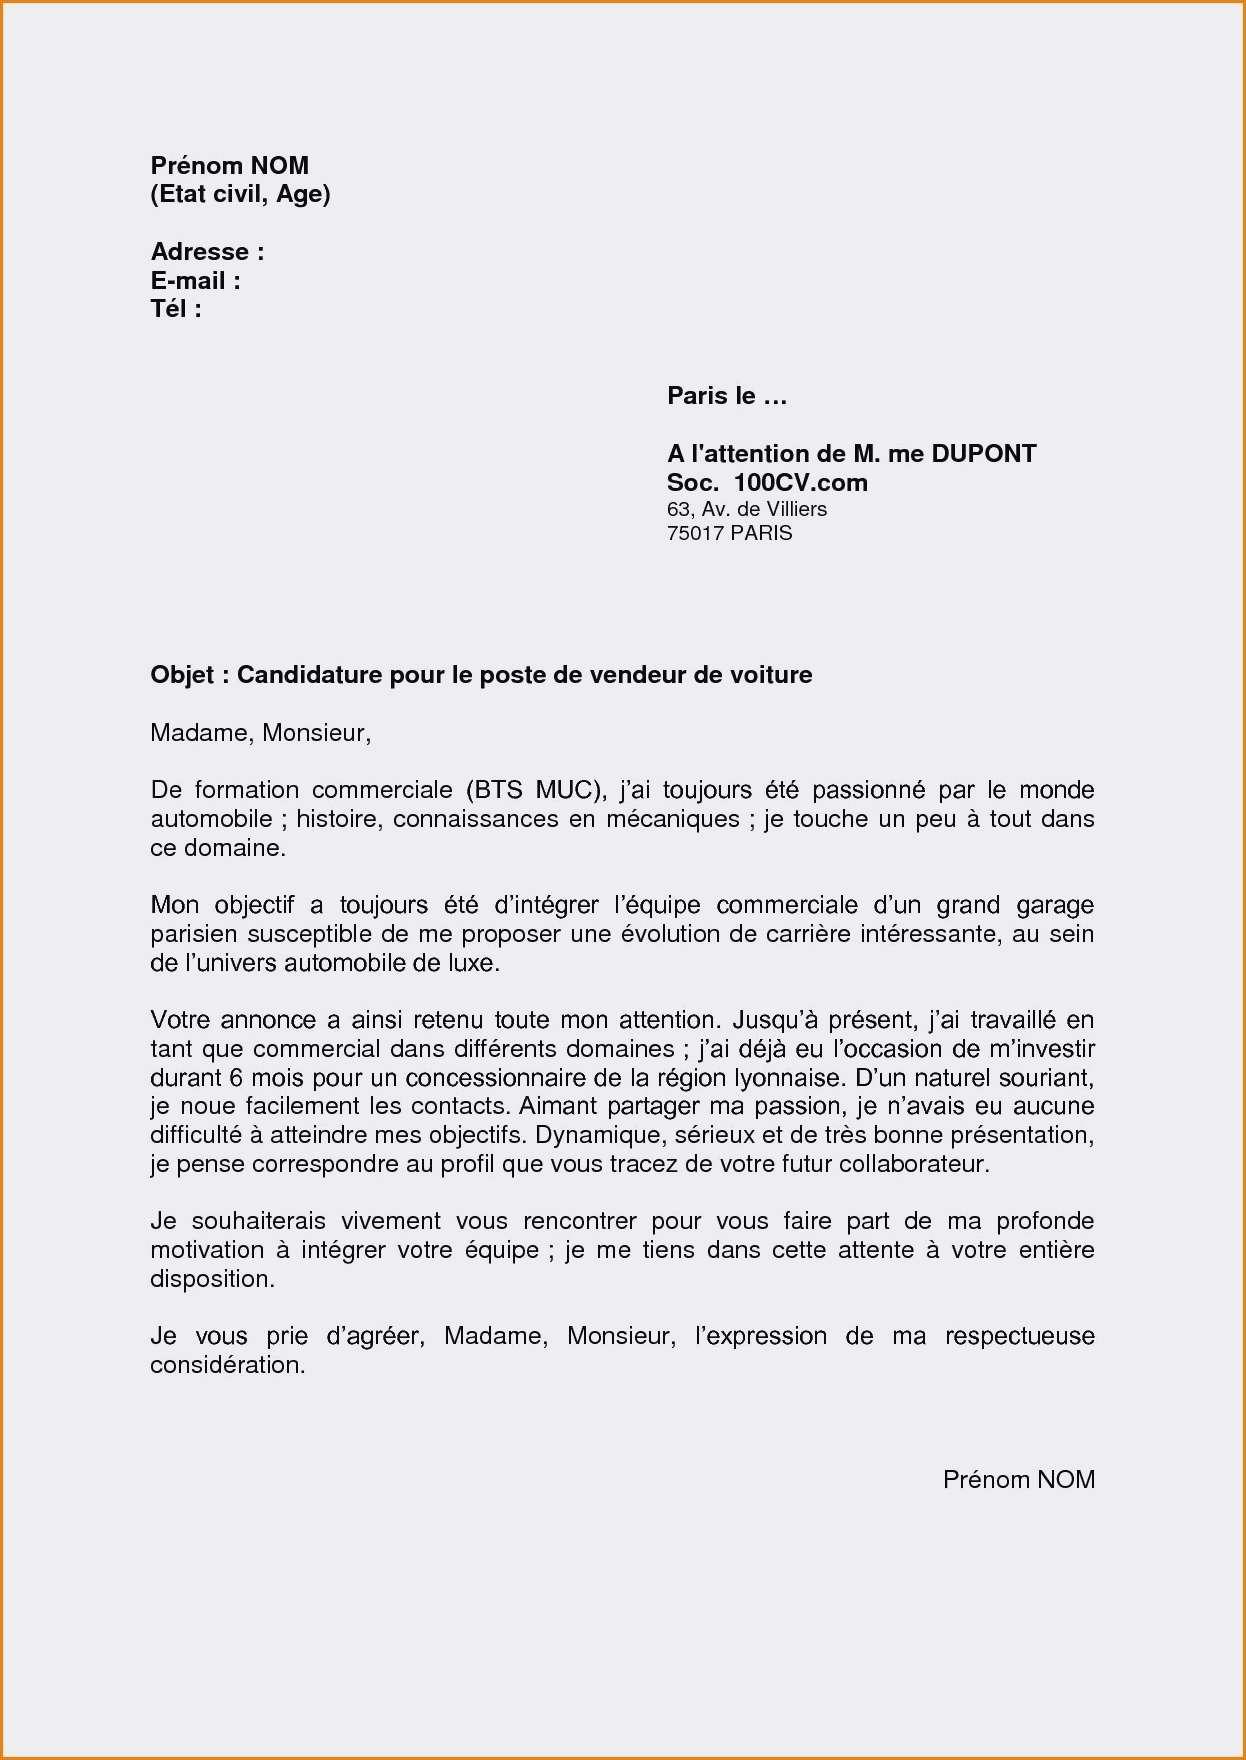 lettre de motivation formation vendeur